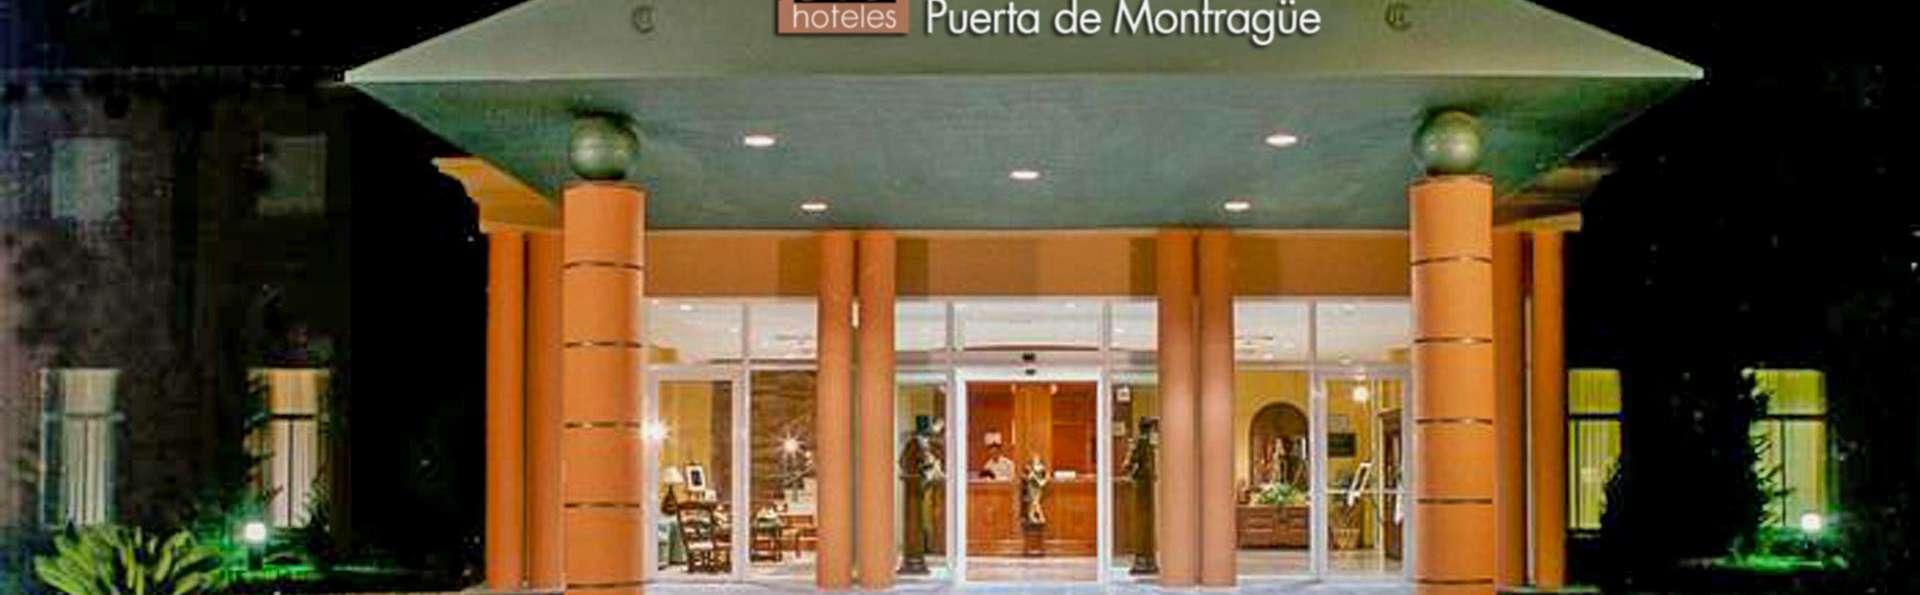 Ele Puerta de Monfragüe - EDIT_FRONT_01.jpg